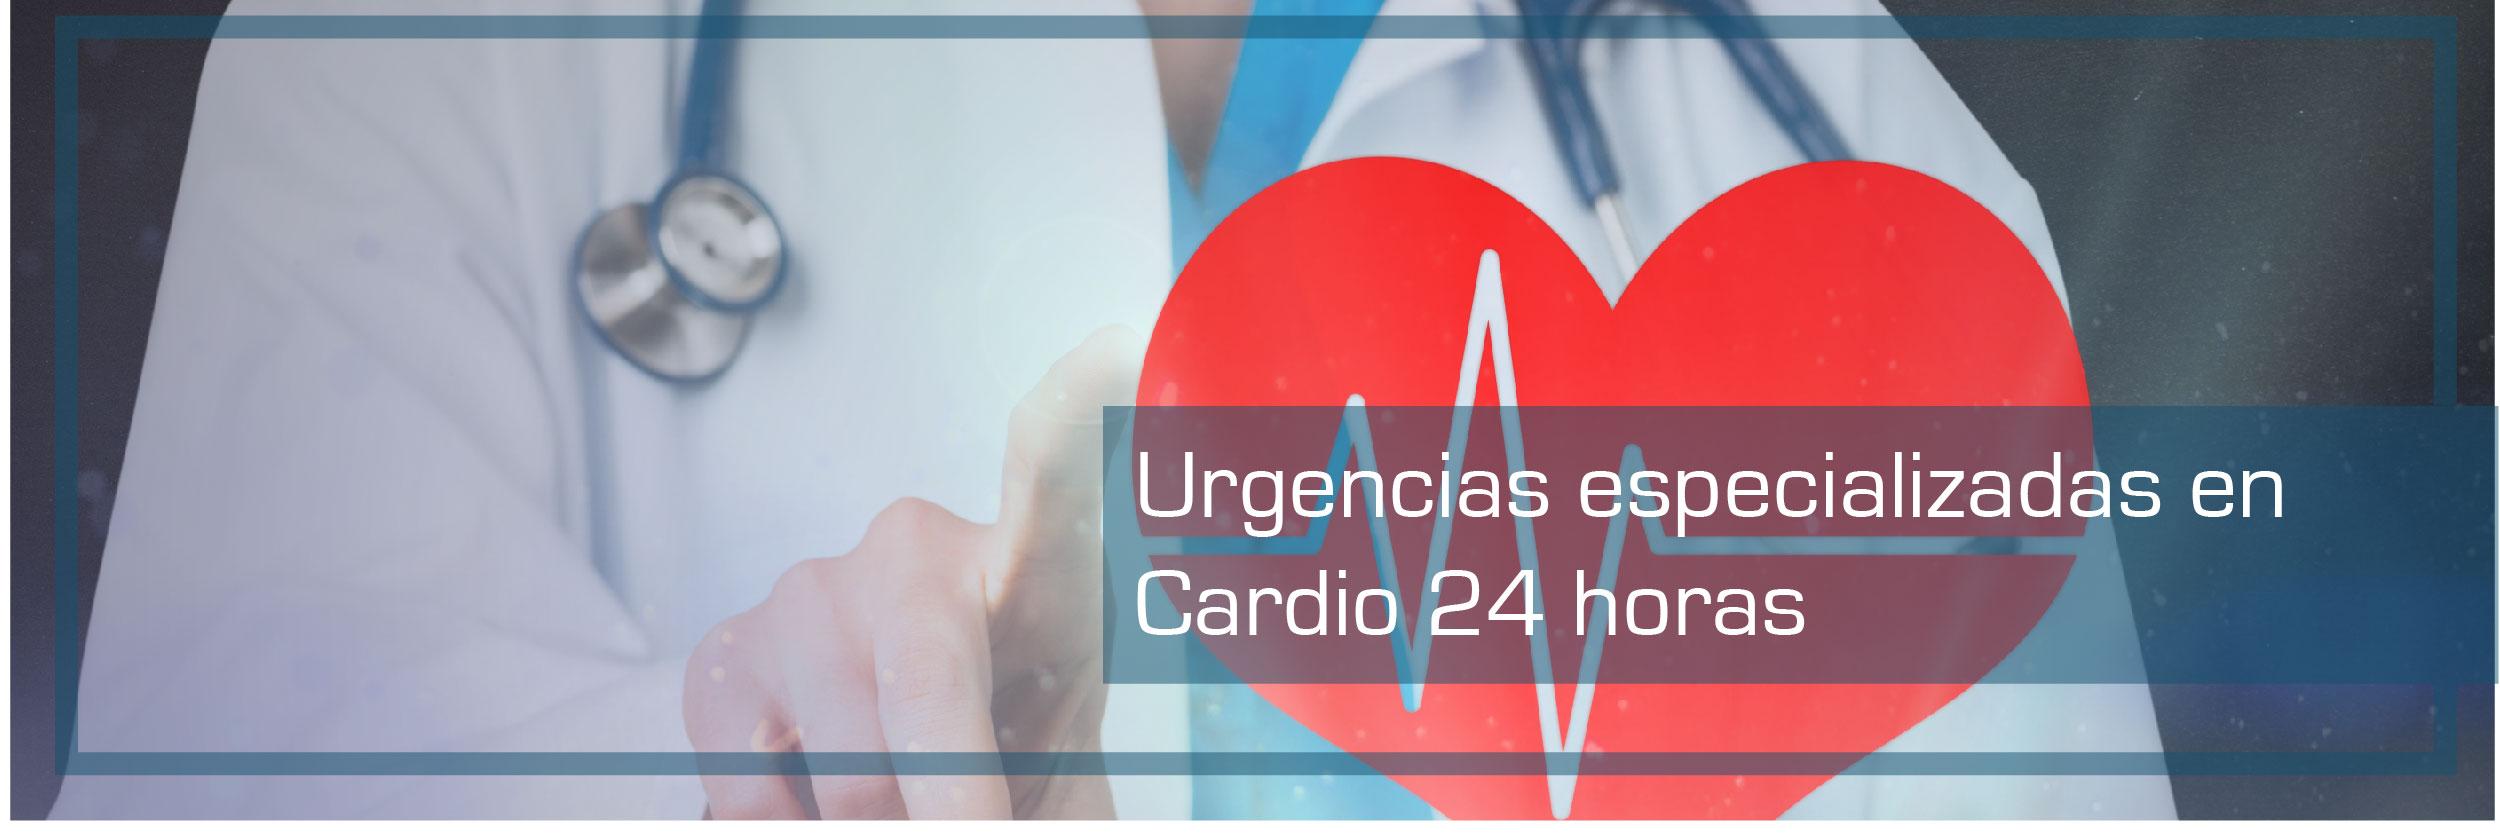 Cita con especialista en Cardiología  en Clínica del Norte en Bello Antioquia